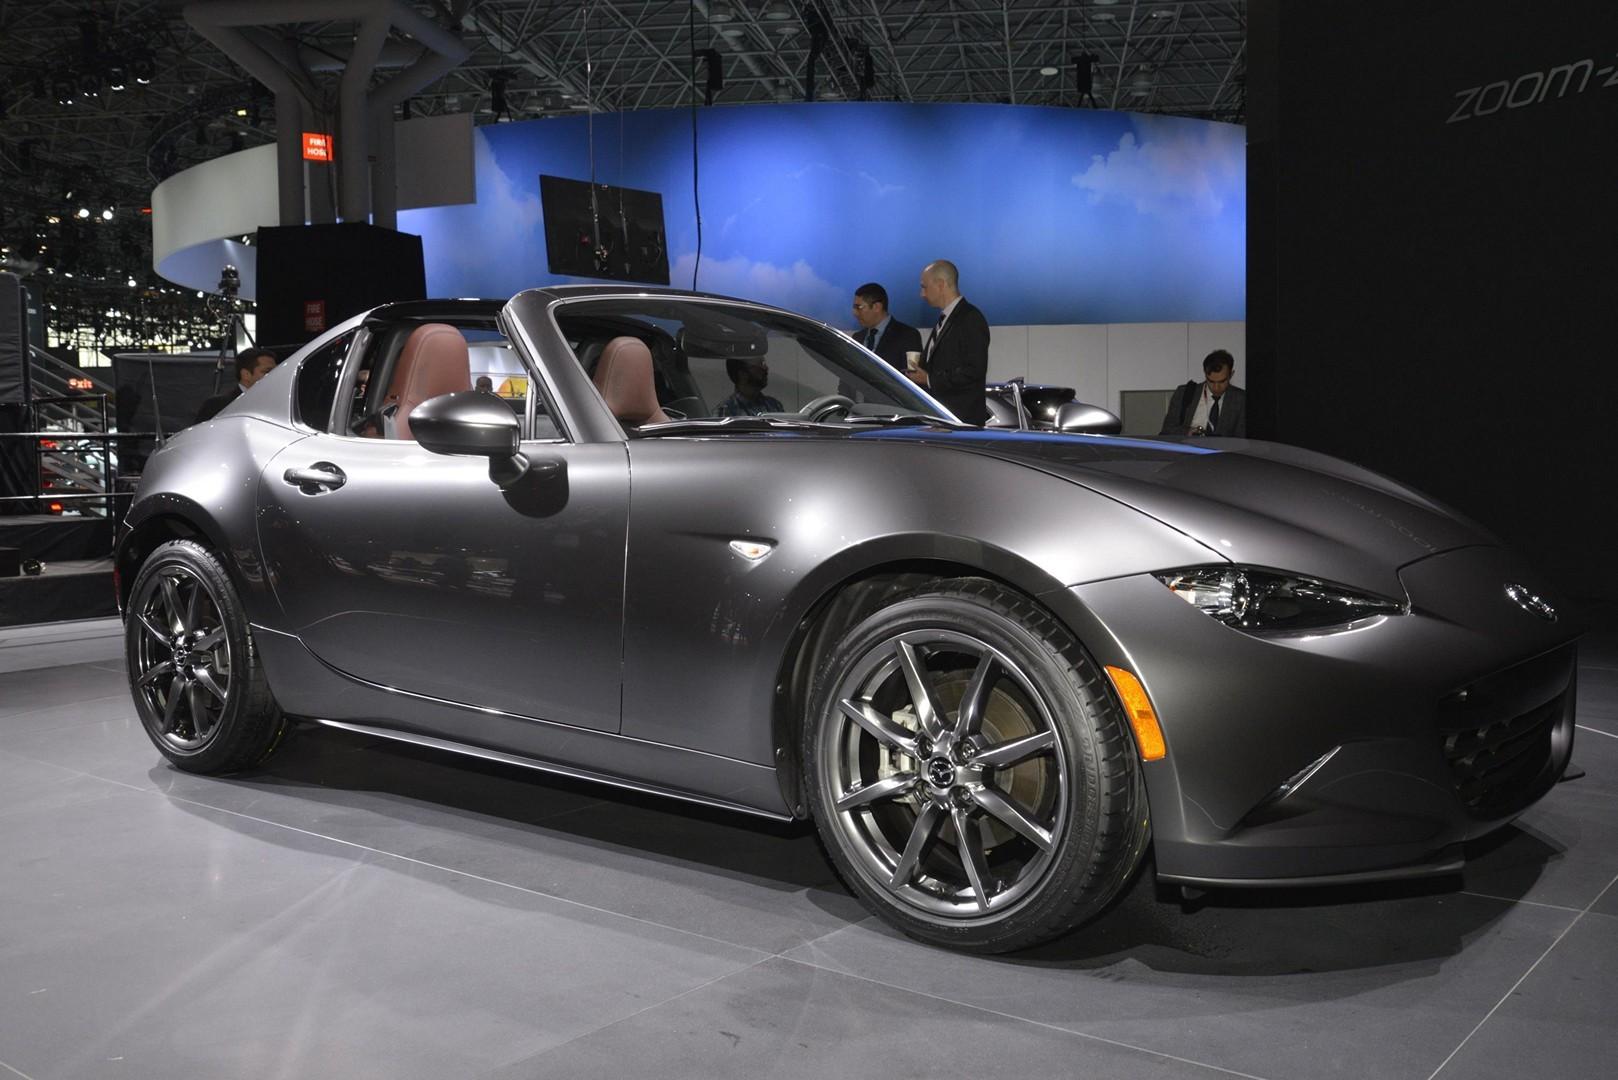 2017 Mazda Mx 5 Miata Rf Launch Edition >> 2017 Mazda MX-5 Miata RF Launch Edition Priced from $33,850, Can Be Pre-Ordered - autoevolution